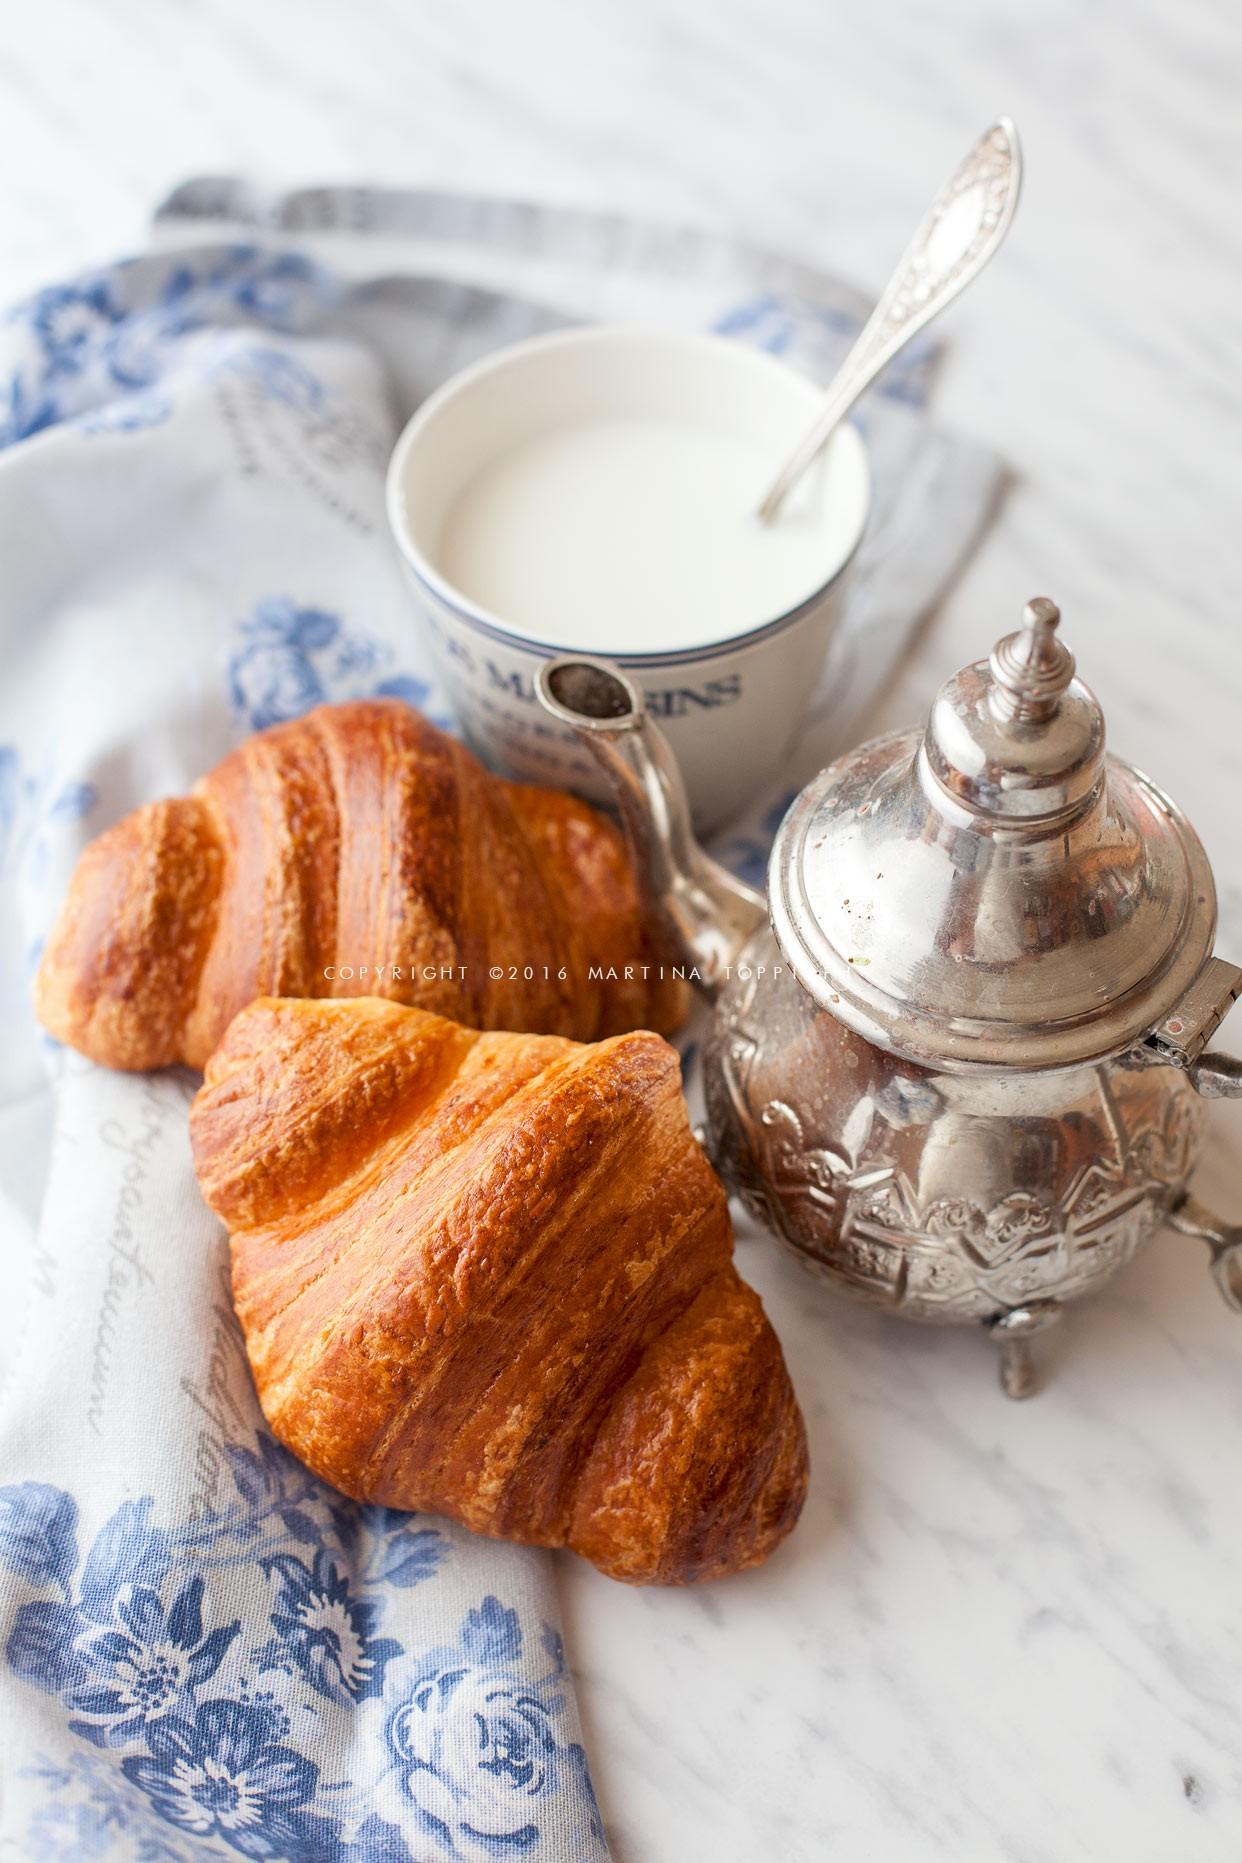 Croissant sfogliati francesi di Iginio Massari